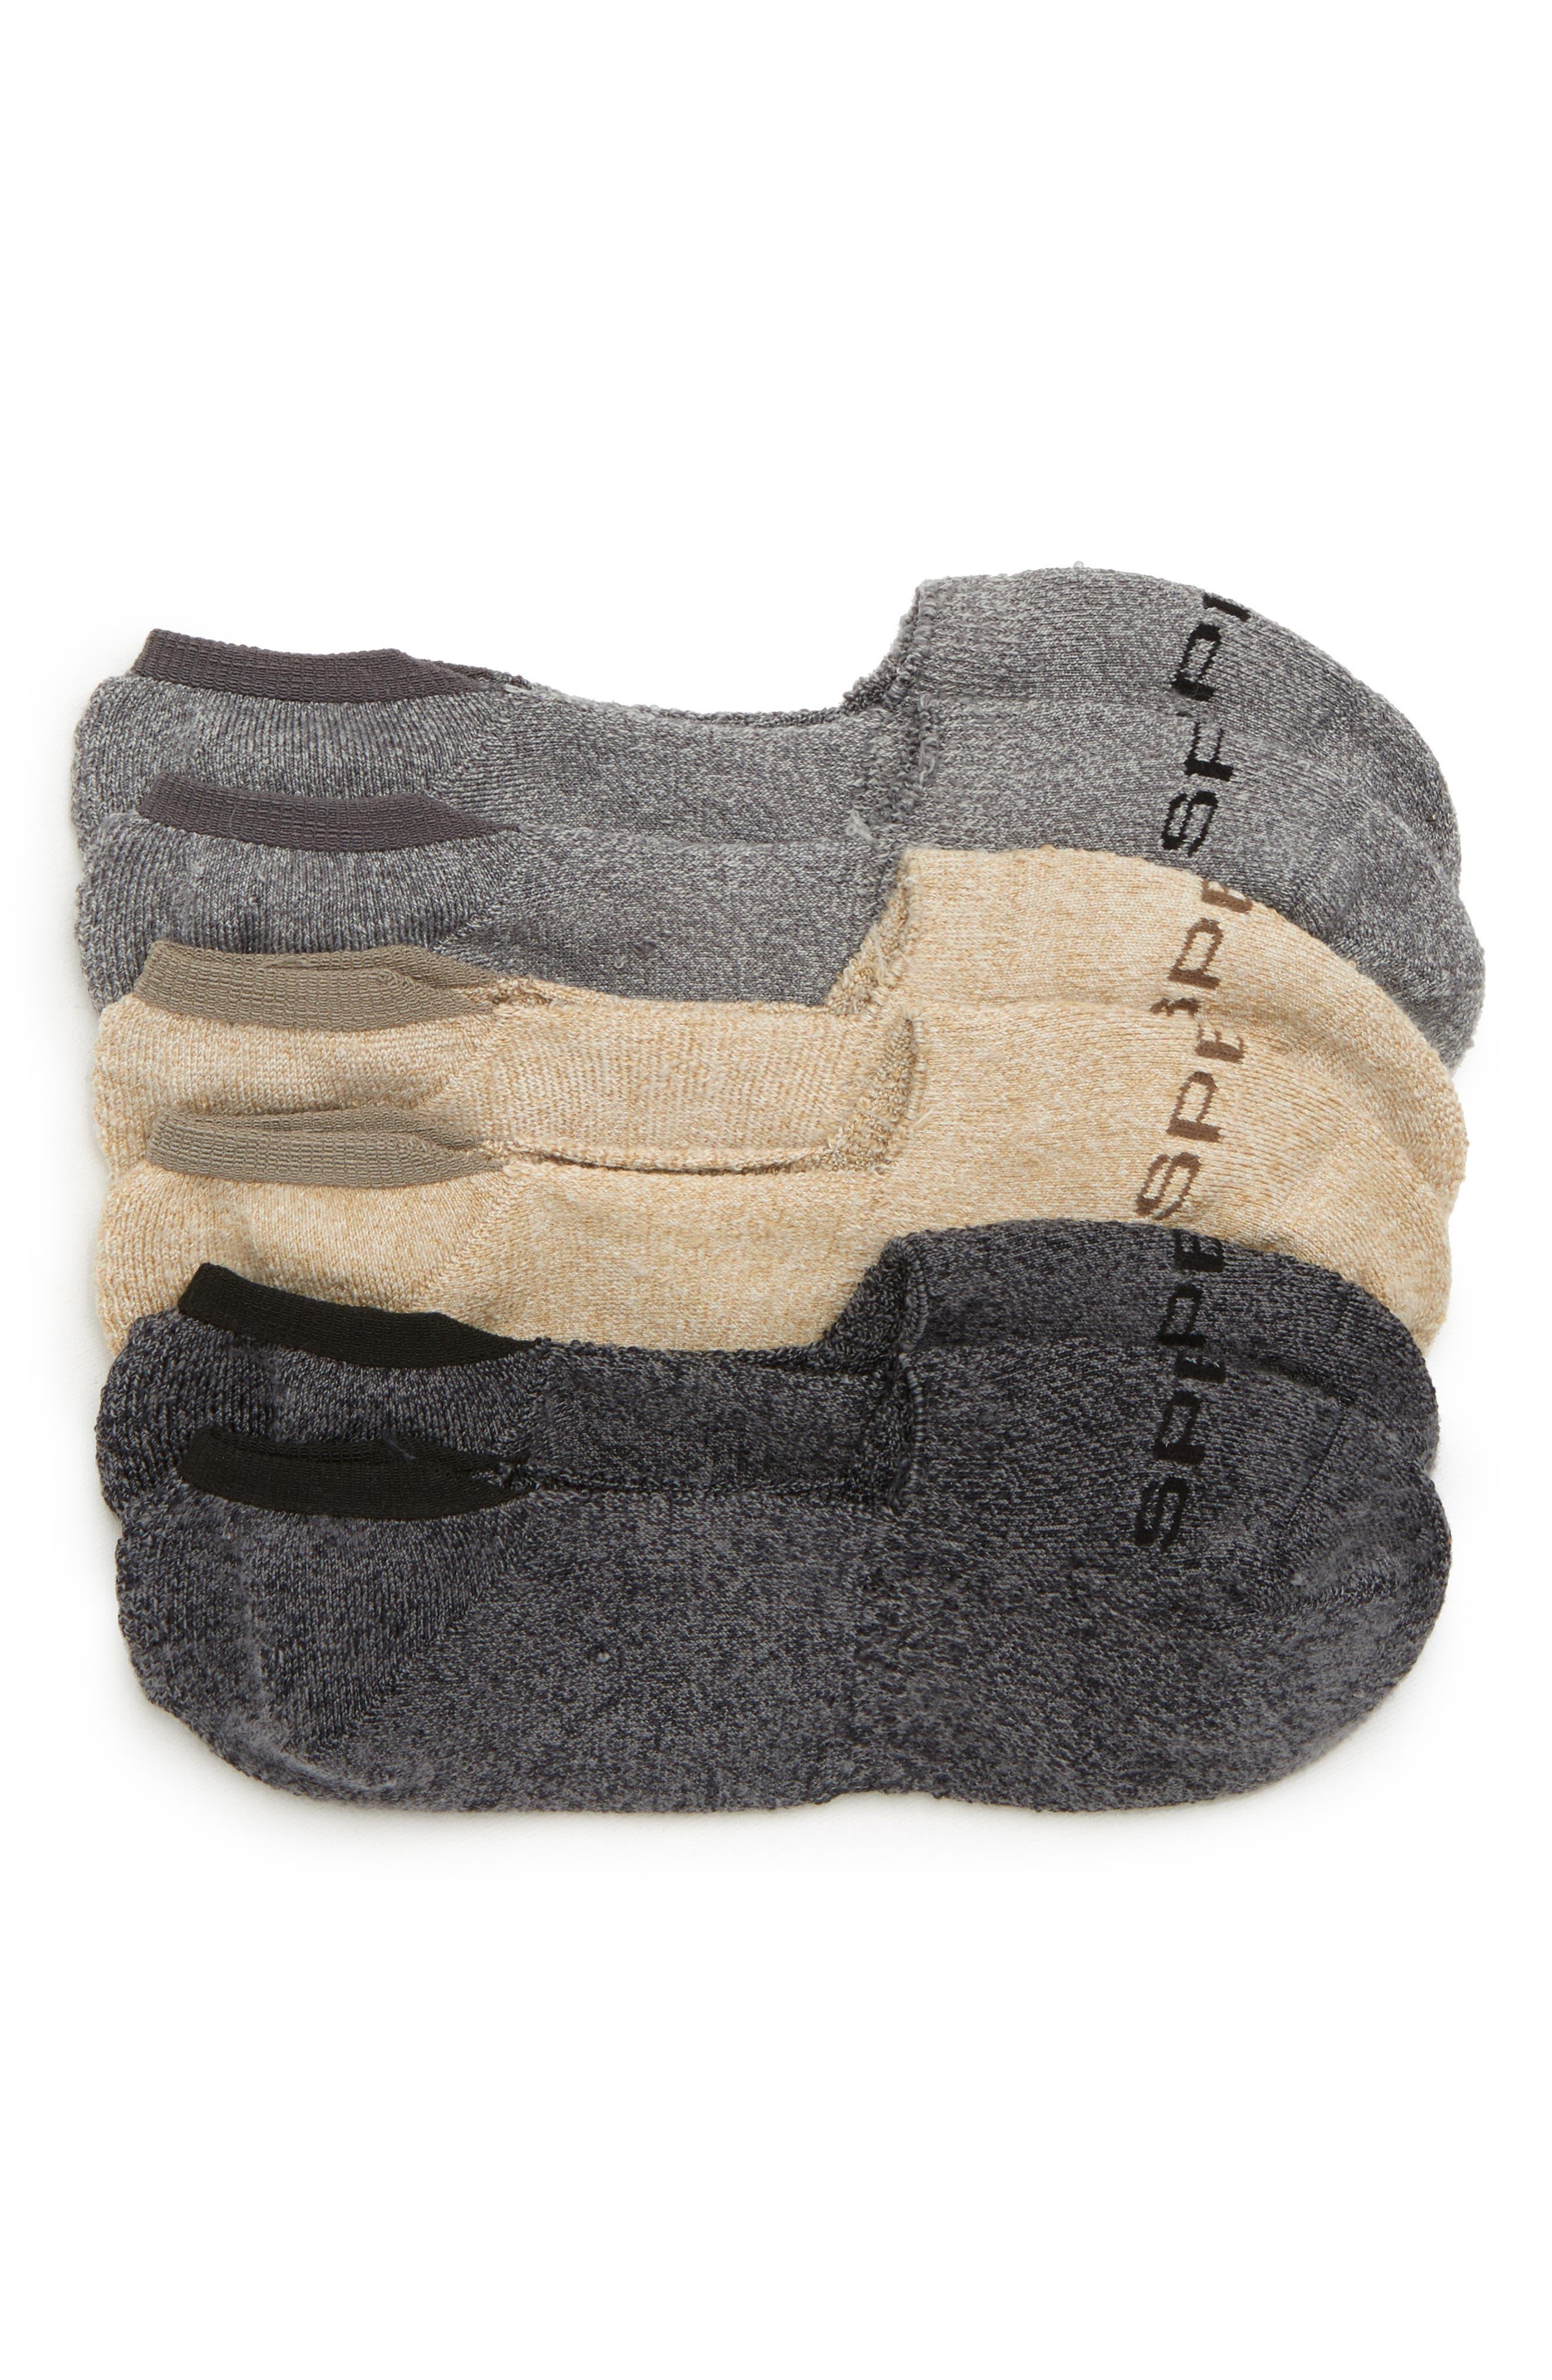 Top-Sider 3-Pack Microfiber Liner Socks,                         Main,                         color, 060